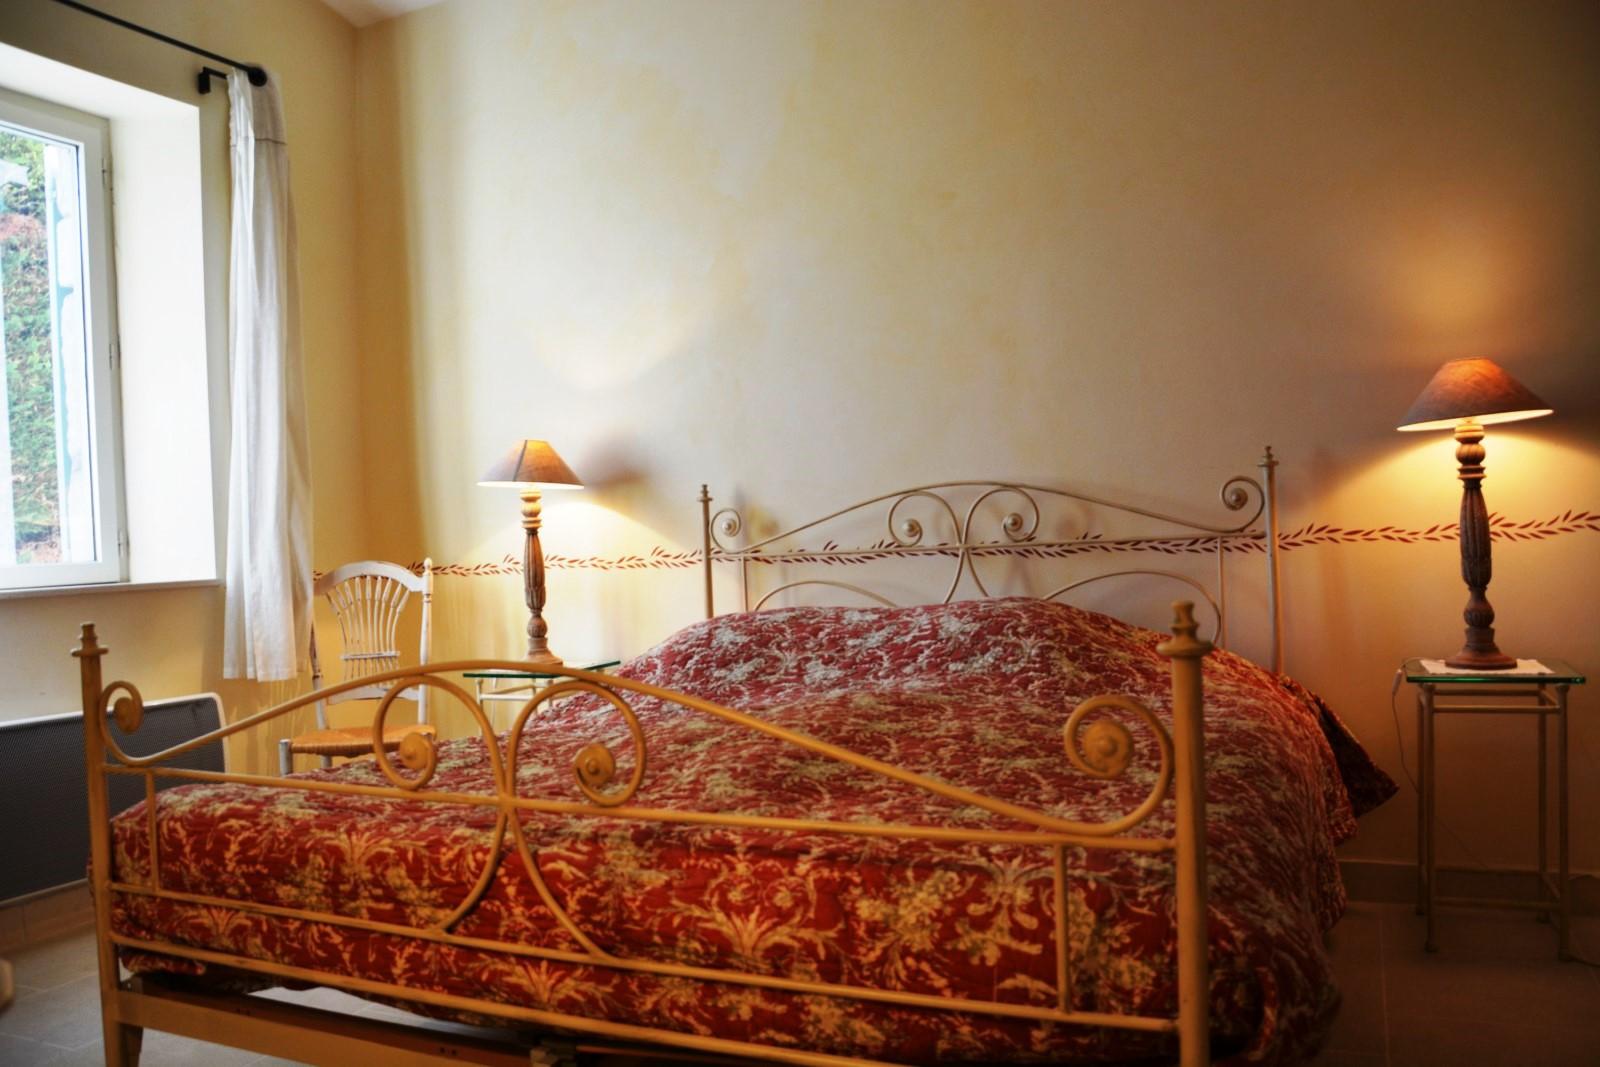 Maison à louer en toutes saisons en Luberon